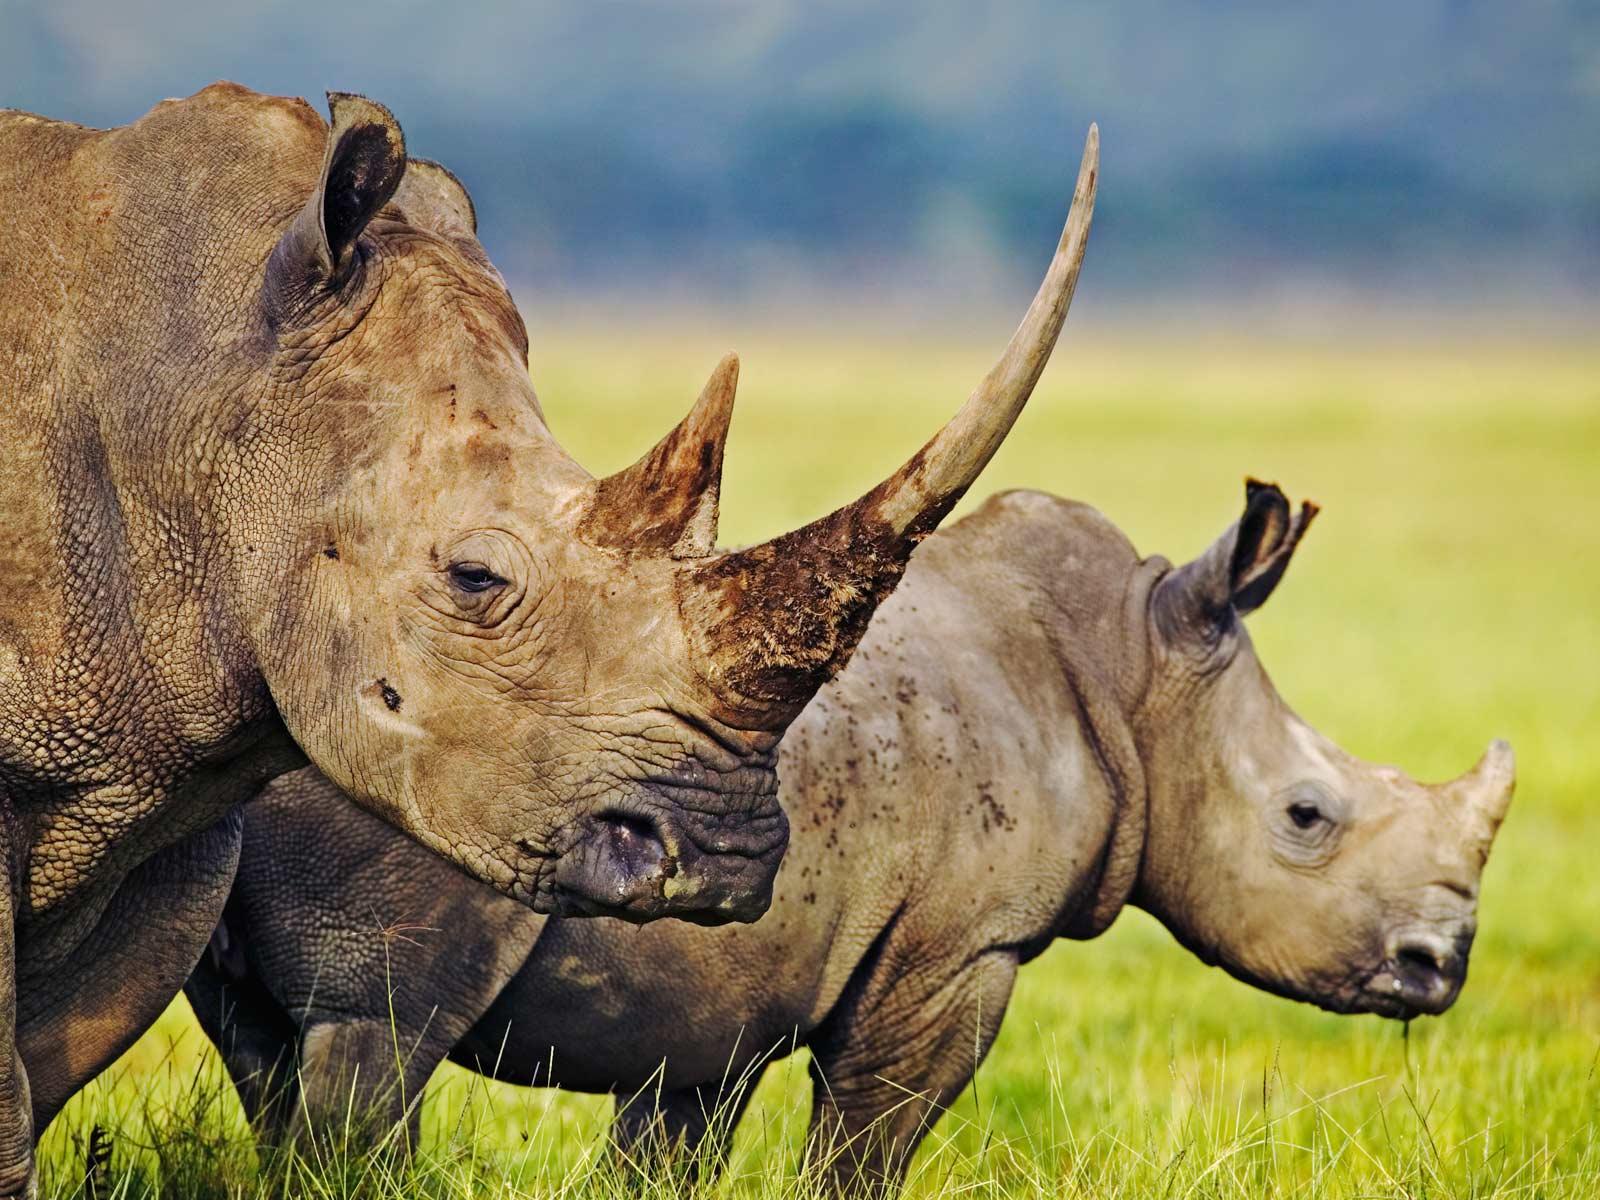 Rhinoceros chitwan